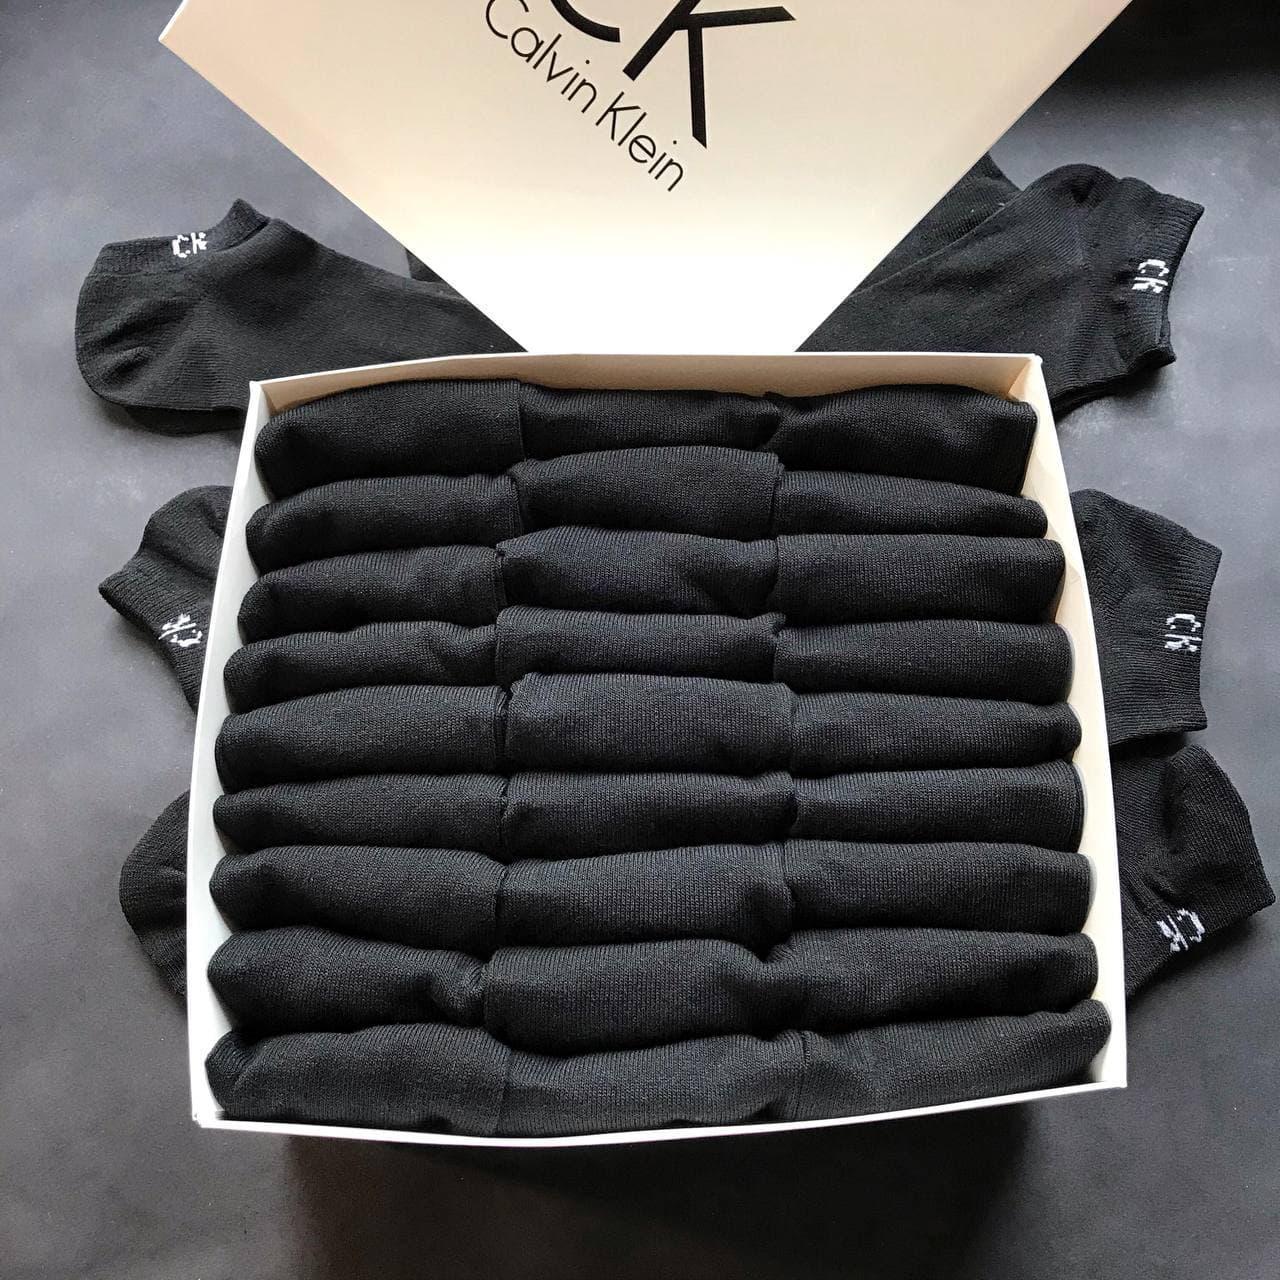 Набор мужских носков, укороченные Calvin Klein реплика (30 пар черных) в фирменной коробочке!